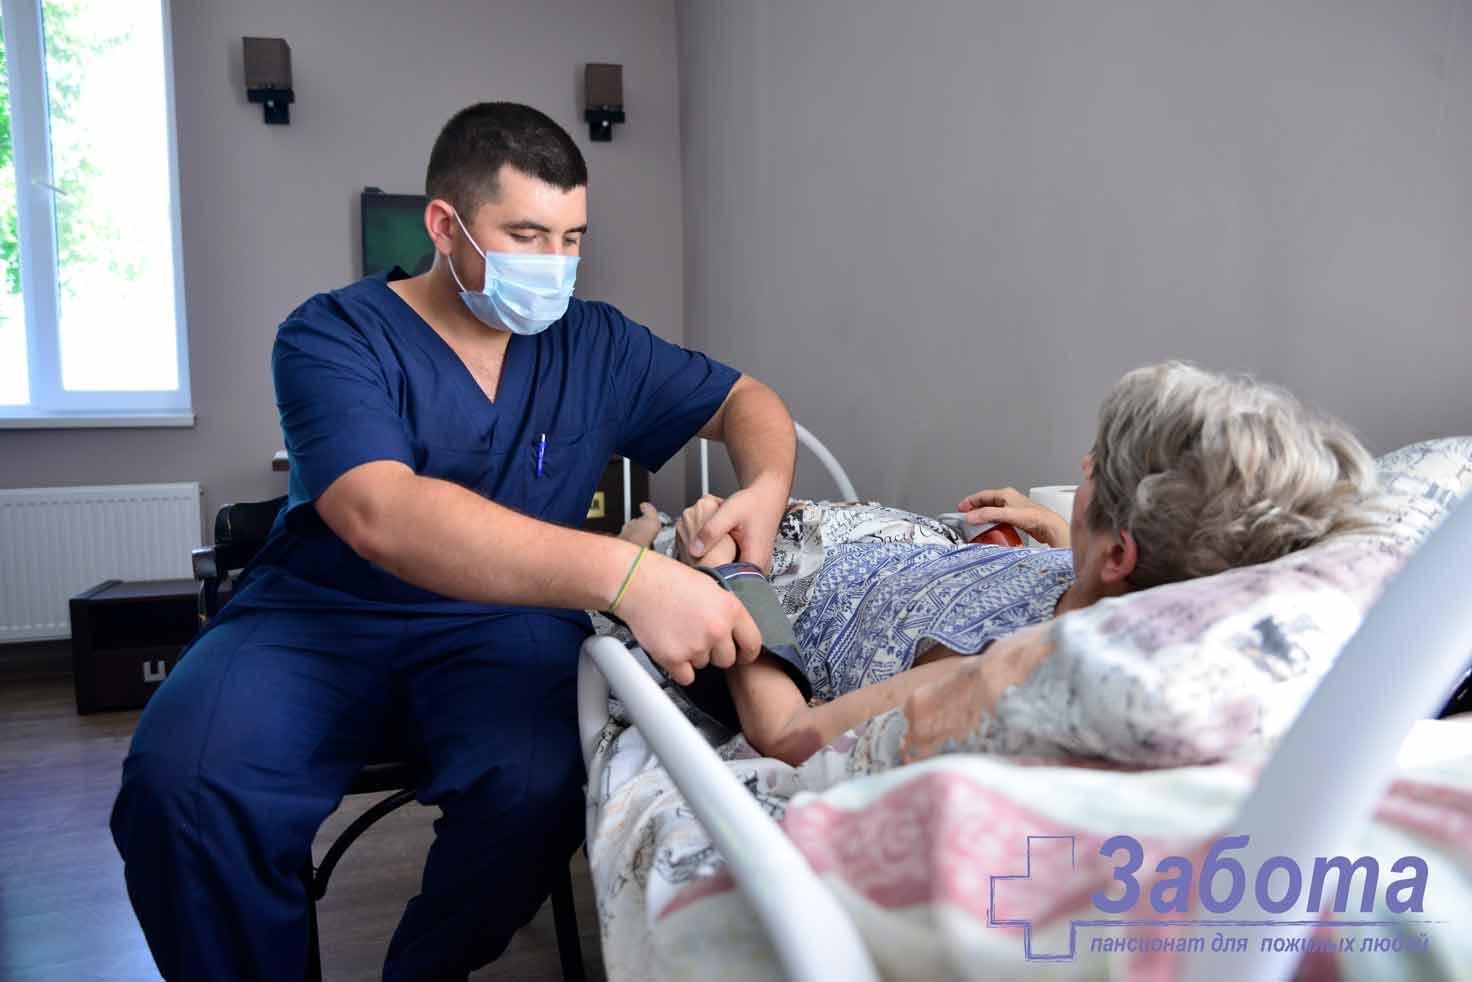 Хоспис Для Тяжелобольных Молдова Кишинев - 87